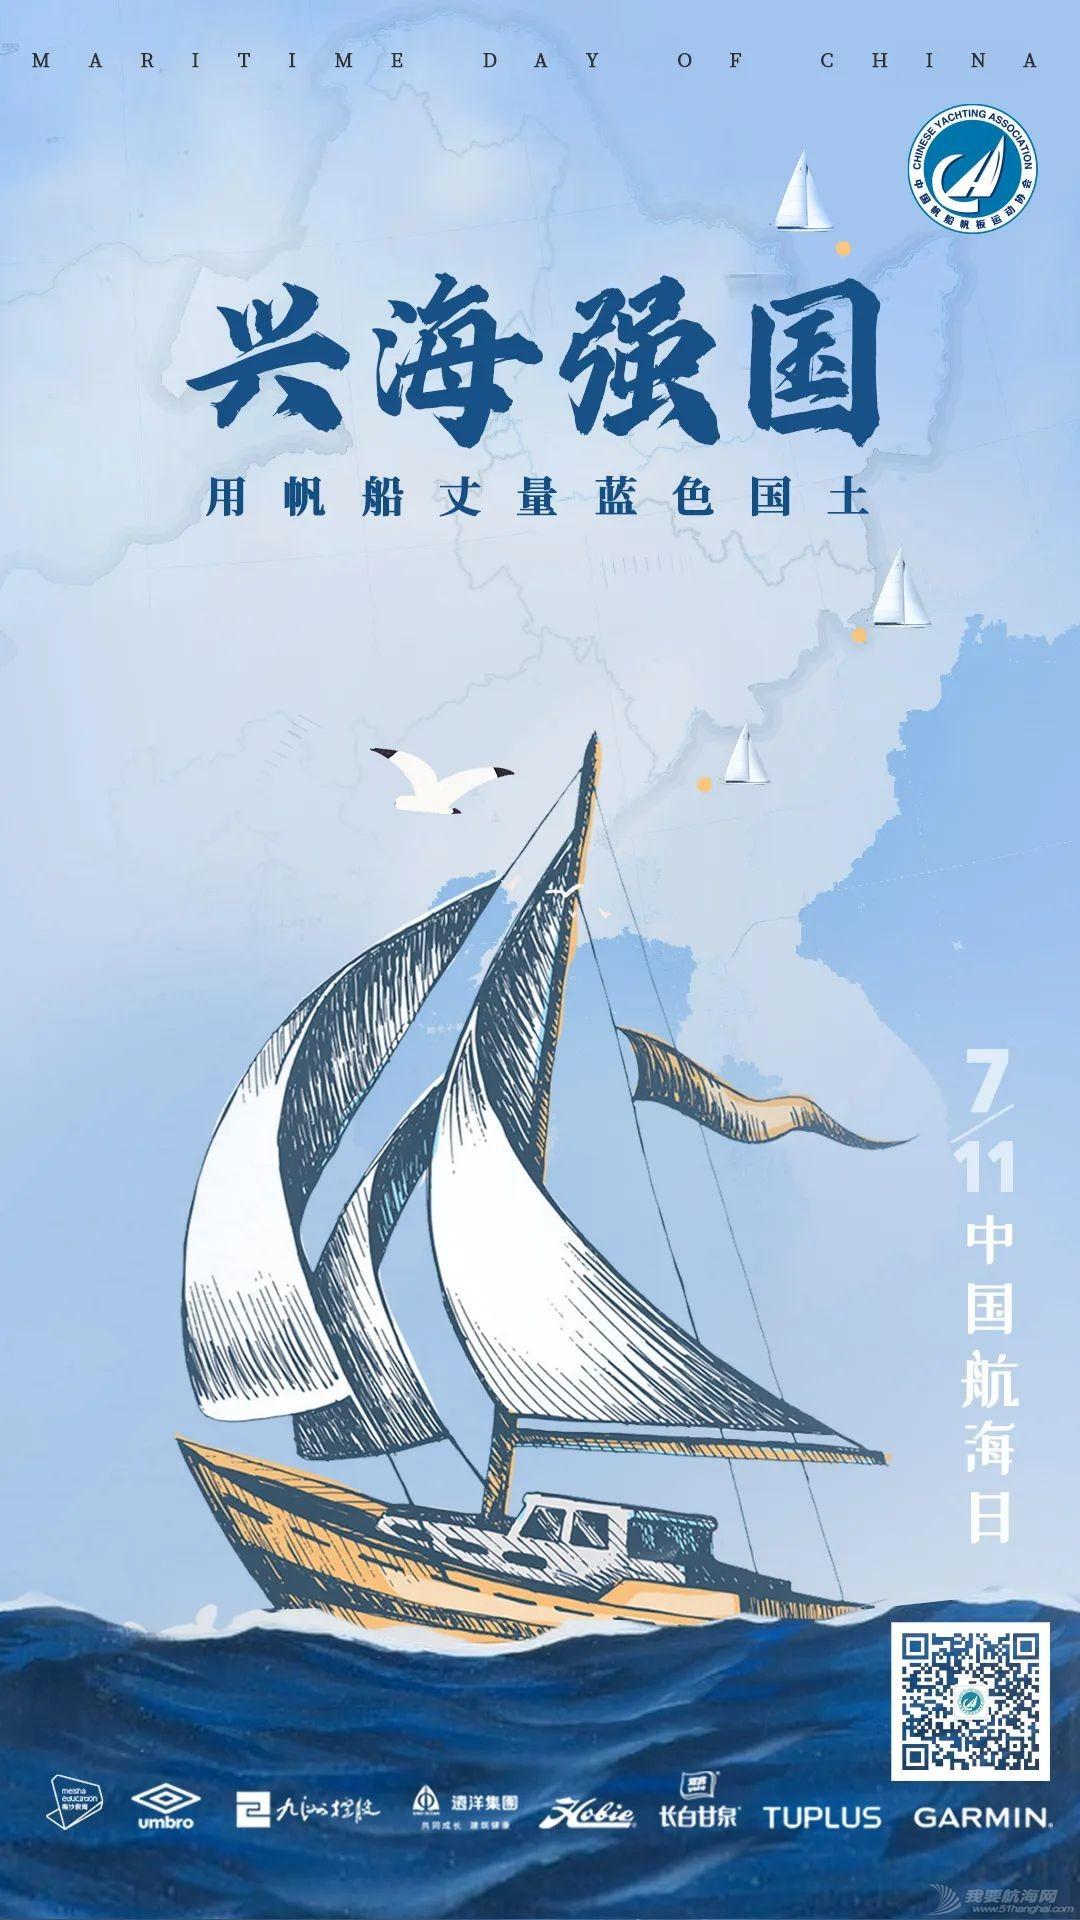 """中国航海日 看他们如何打响""""淡水保卫战"""""""